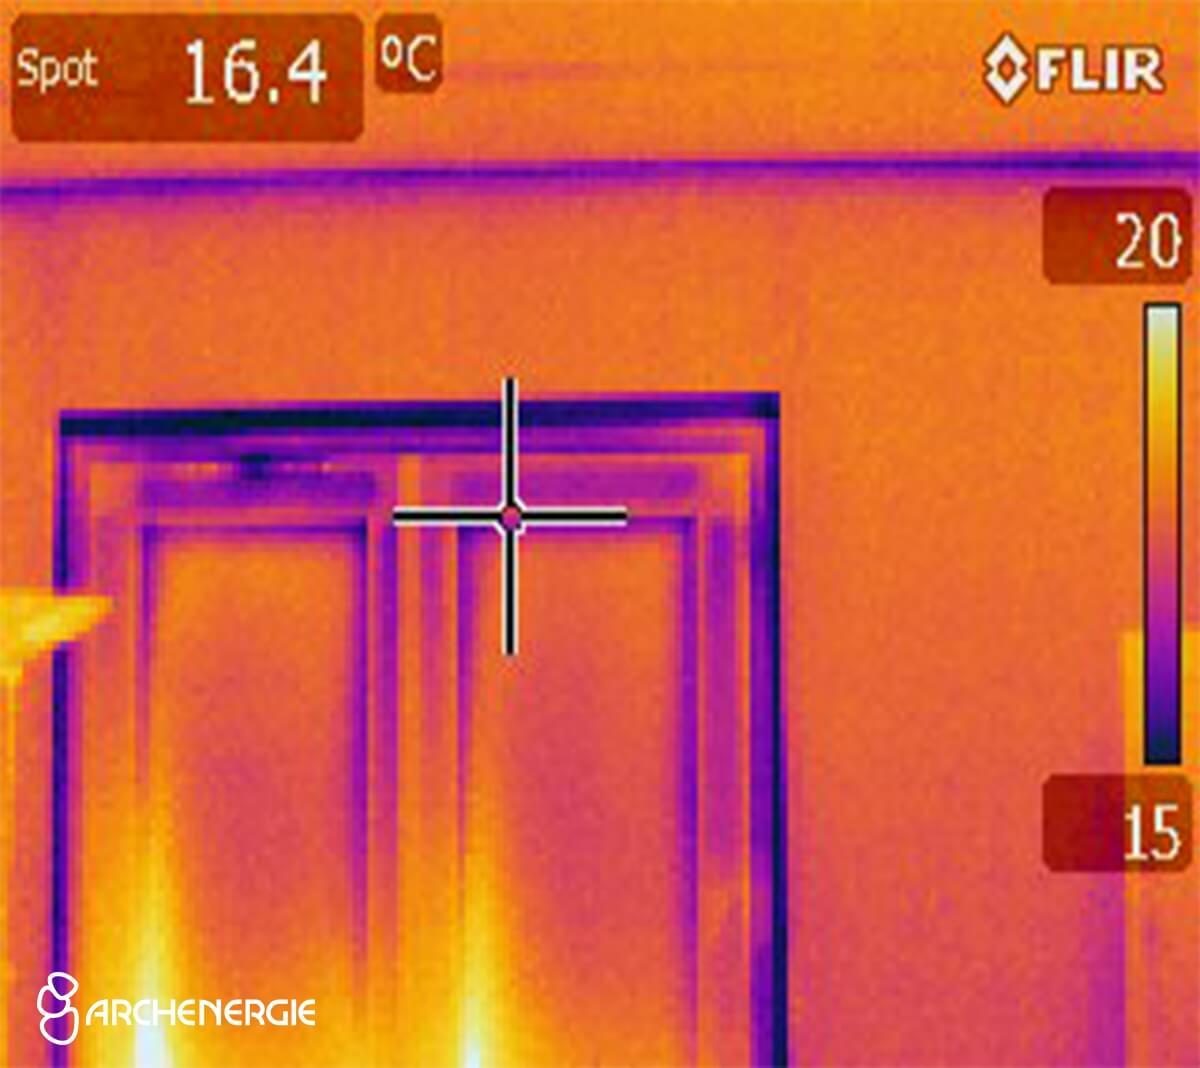 Caméra thermique - récolte de données qualitatives et quantitatives en s'appuyant sur des moyens techniques